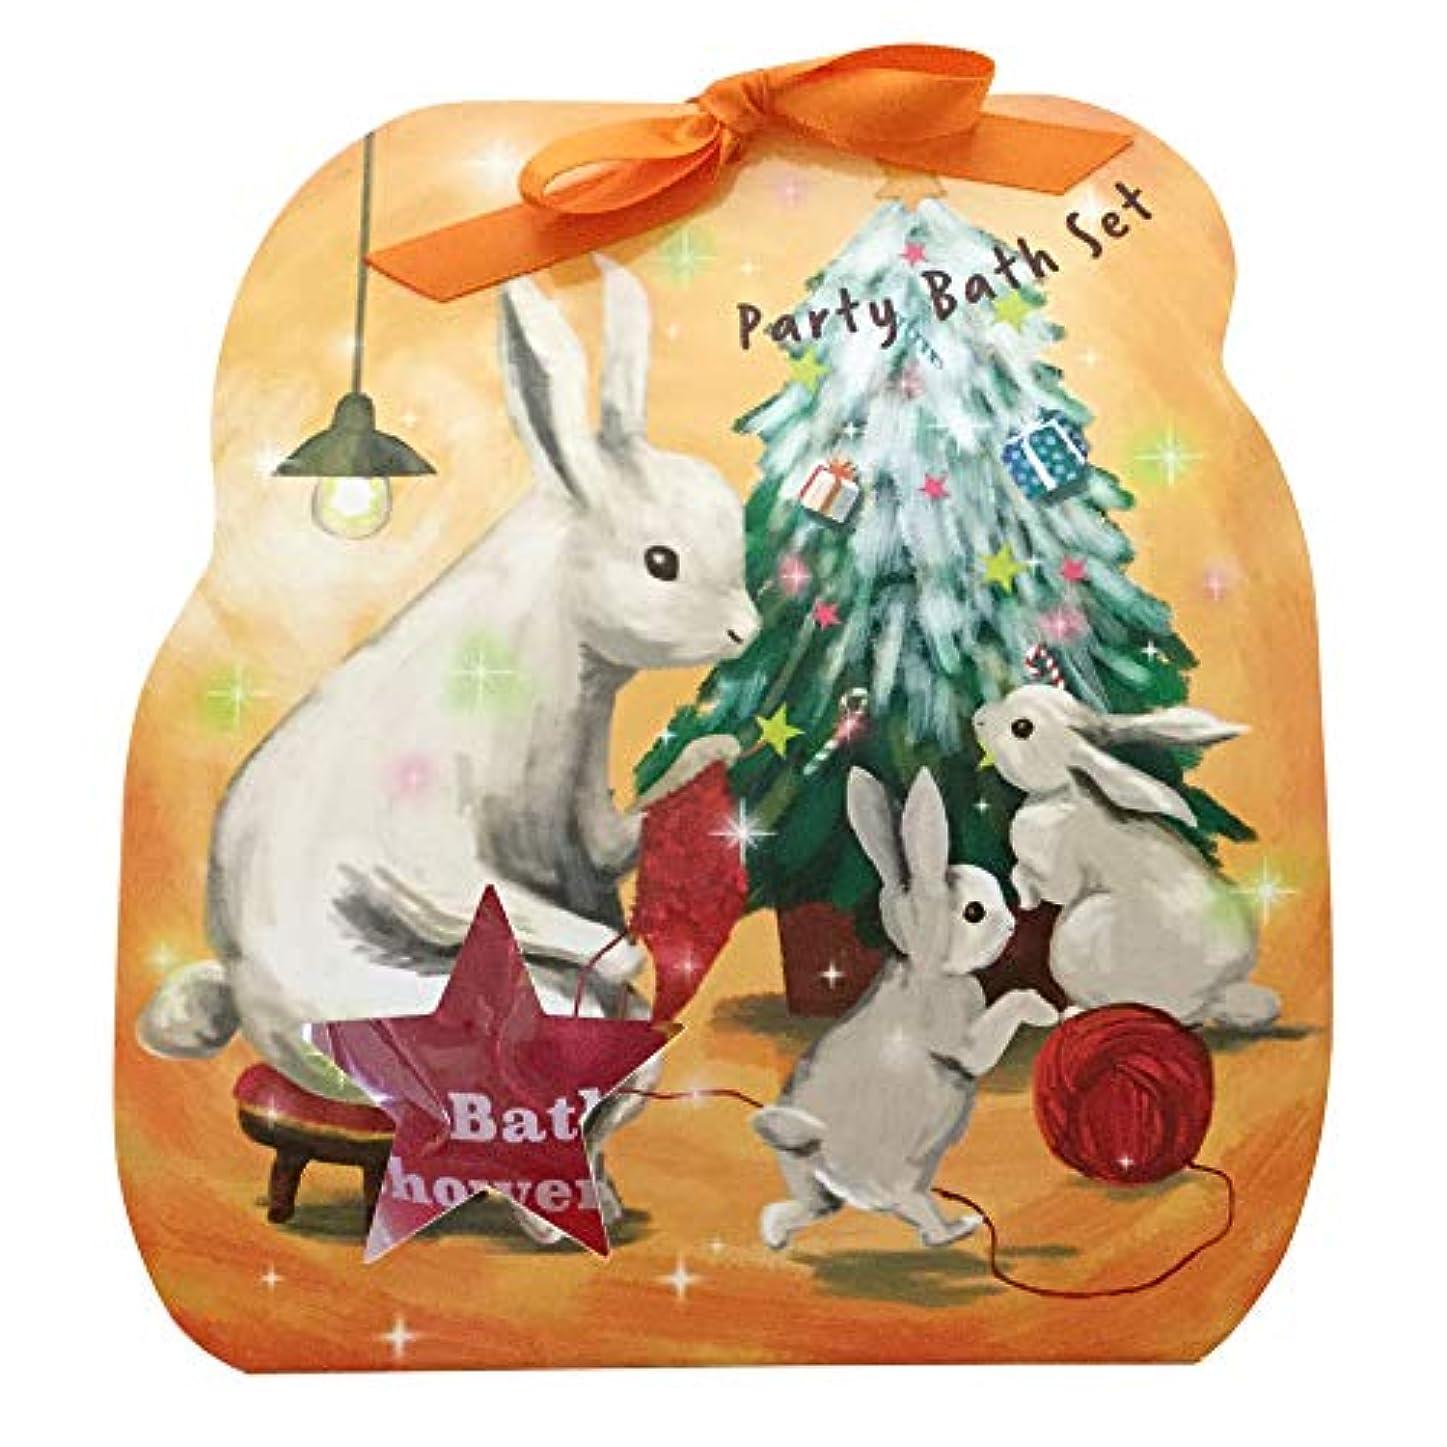 私バーガーオン【ラビット(60683)】 チャーリー クリスマスペーパーギフト 入浴品3点、シャワージェル1点入り